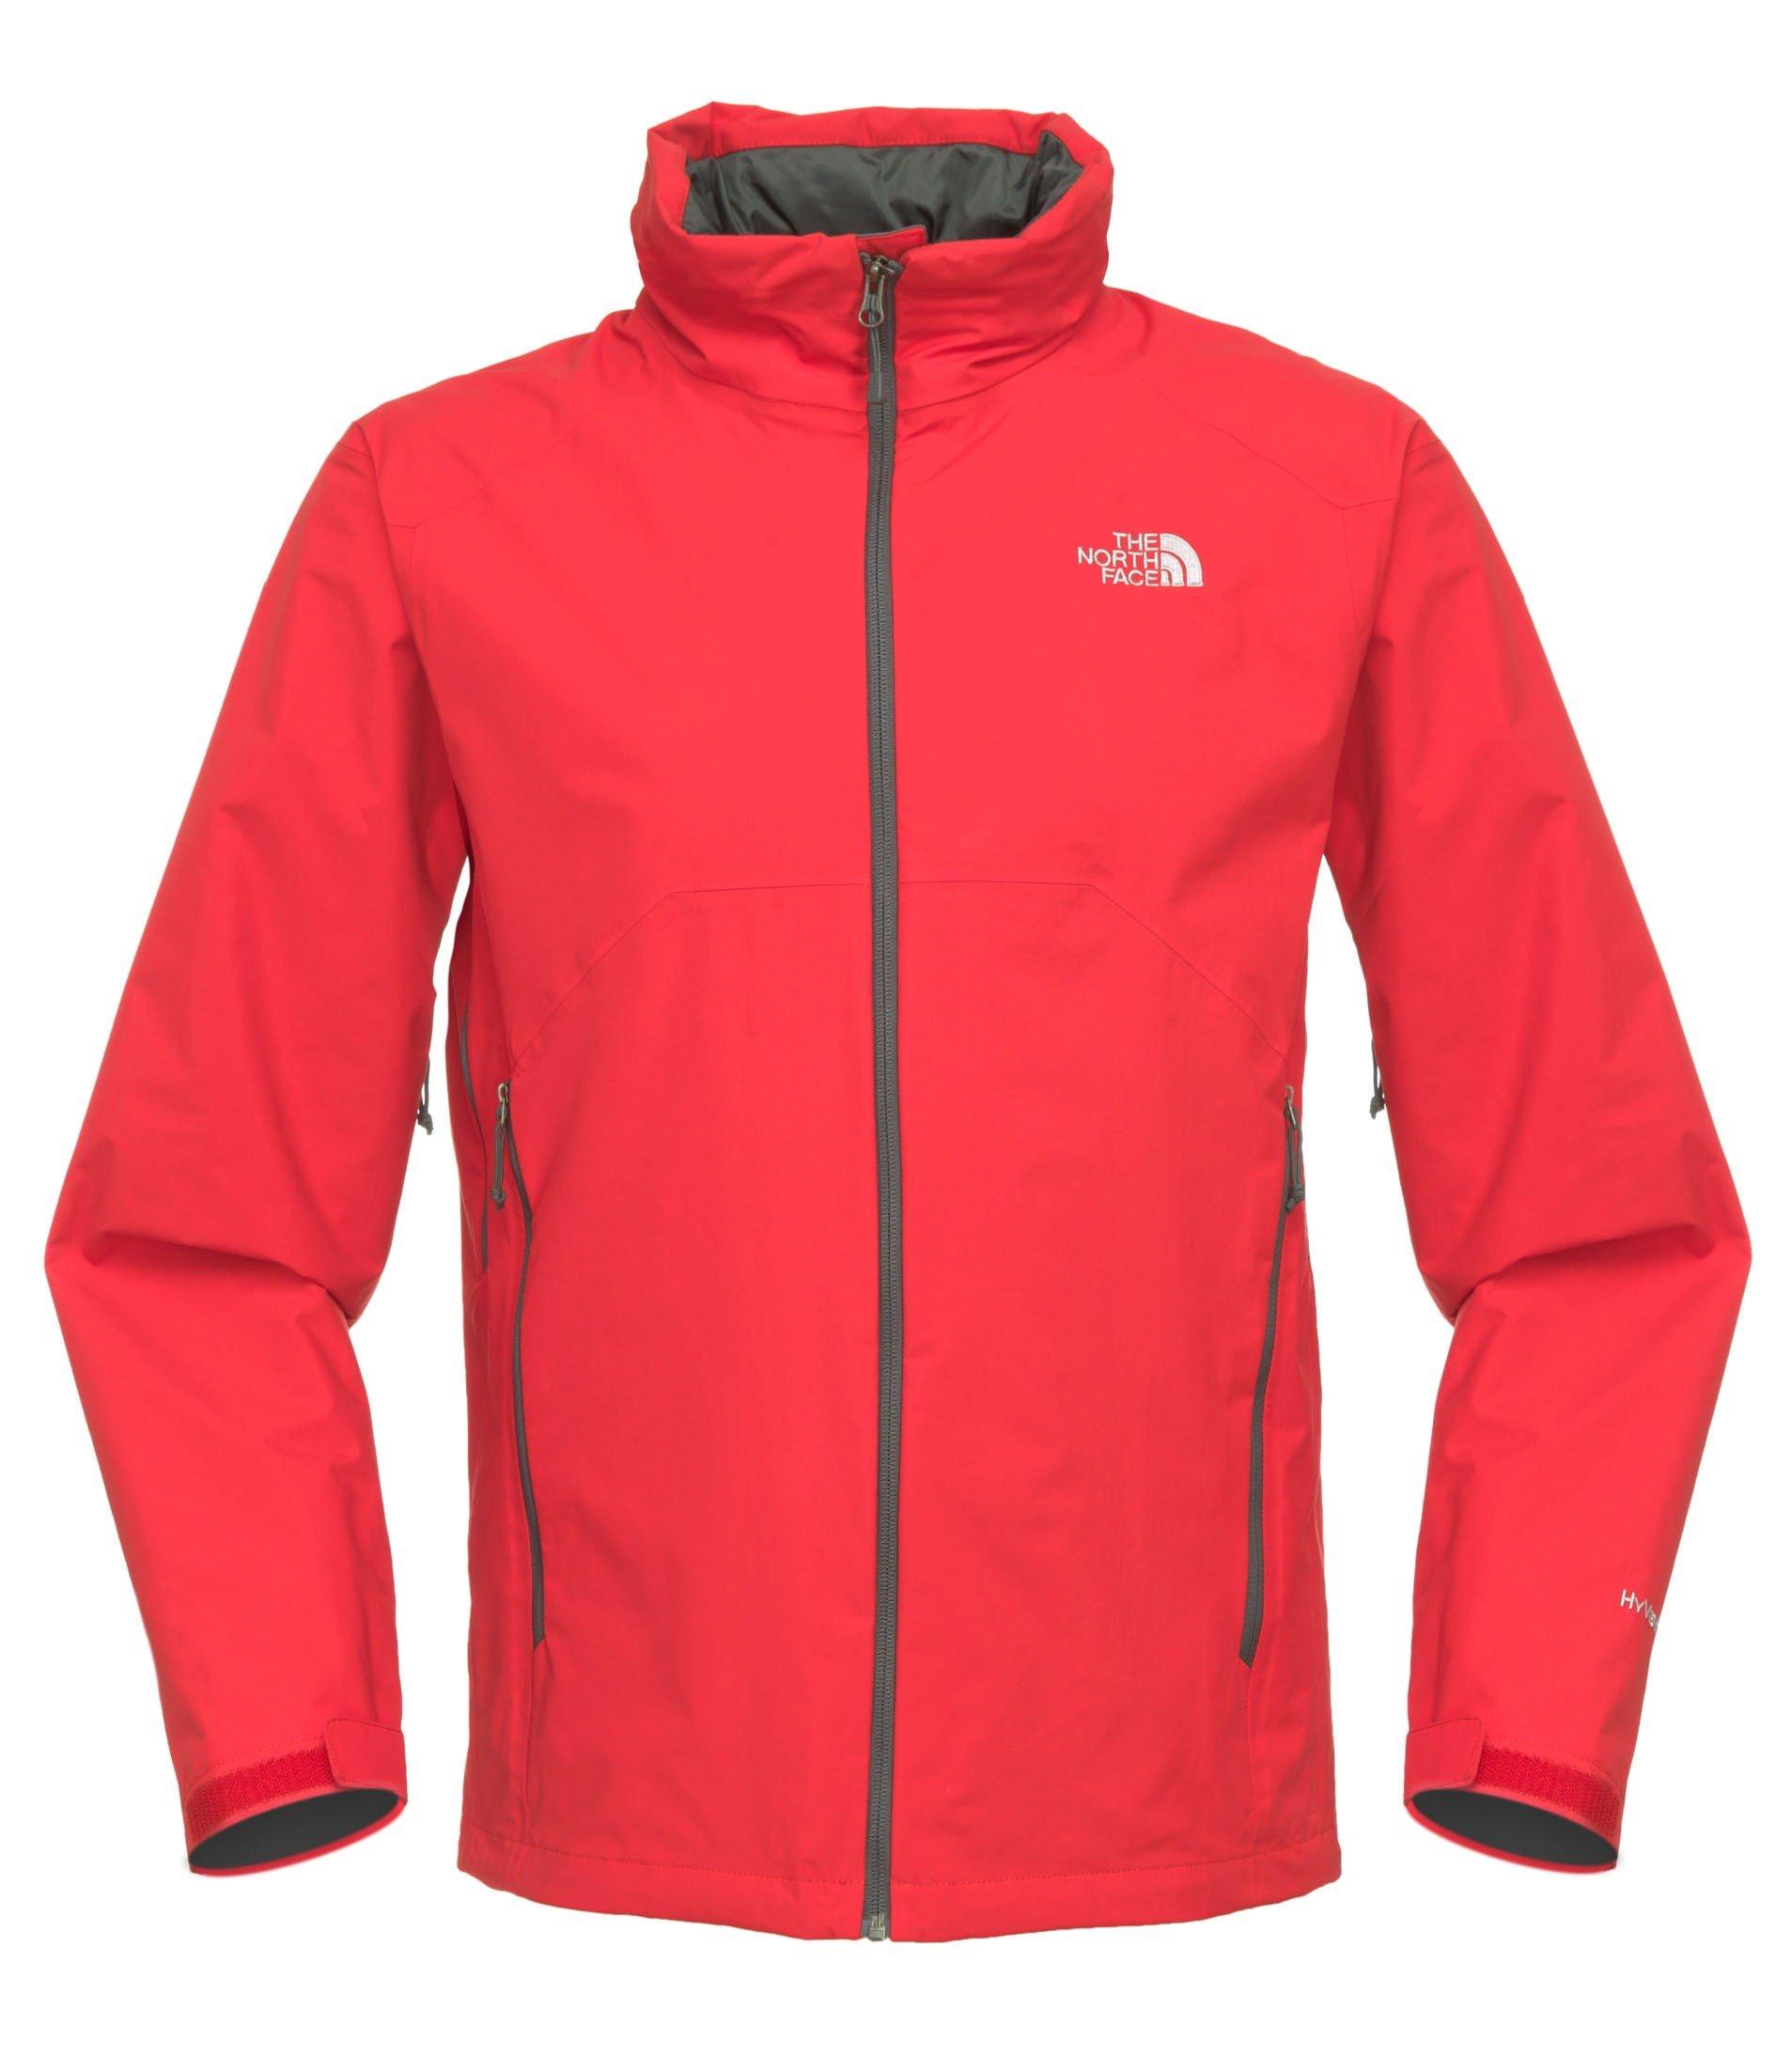 Billede af North Face Stratos Jacket Mens